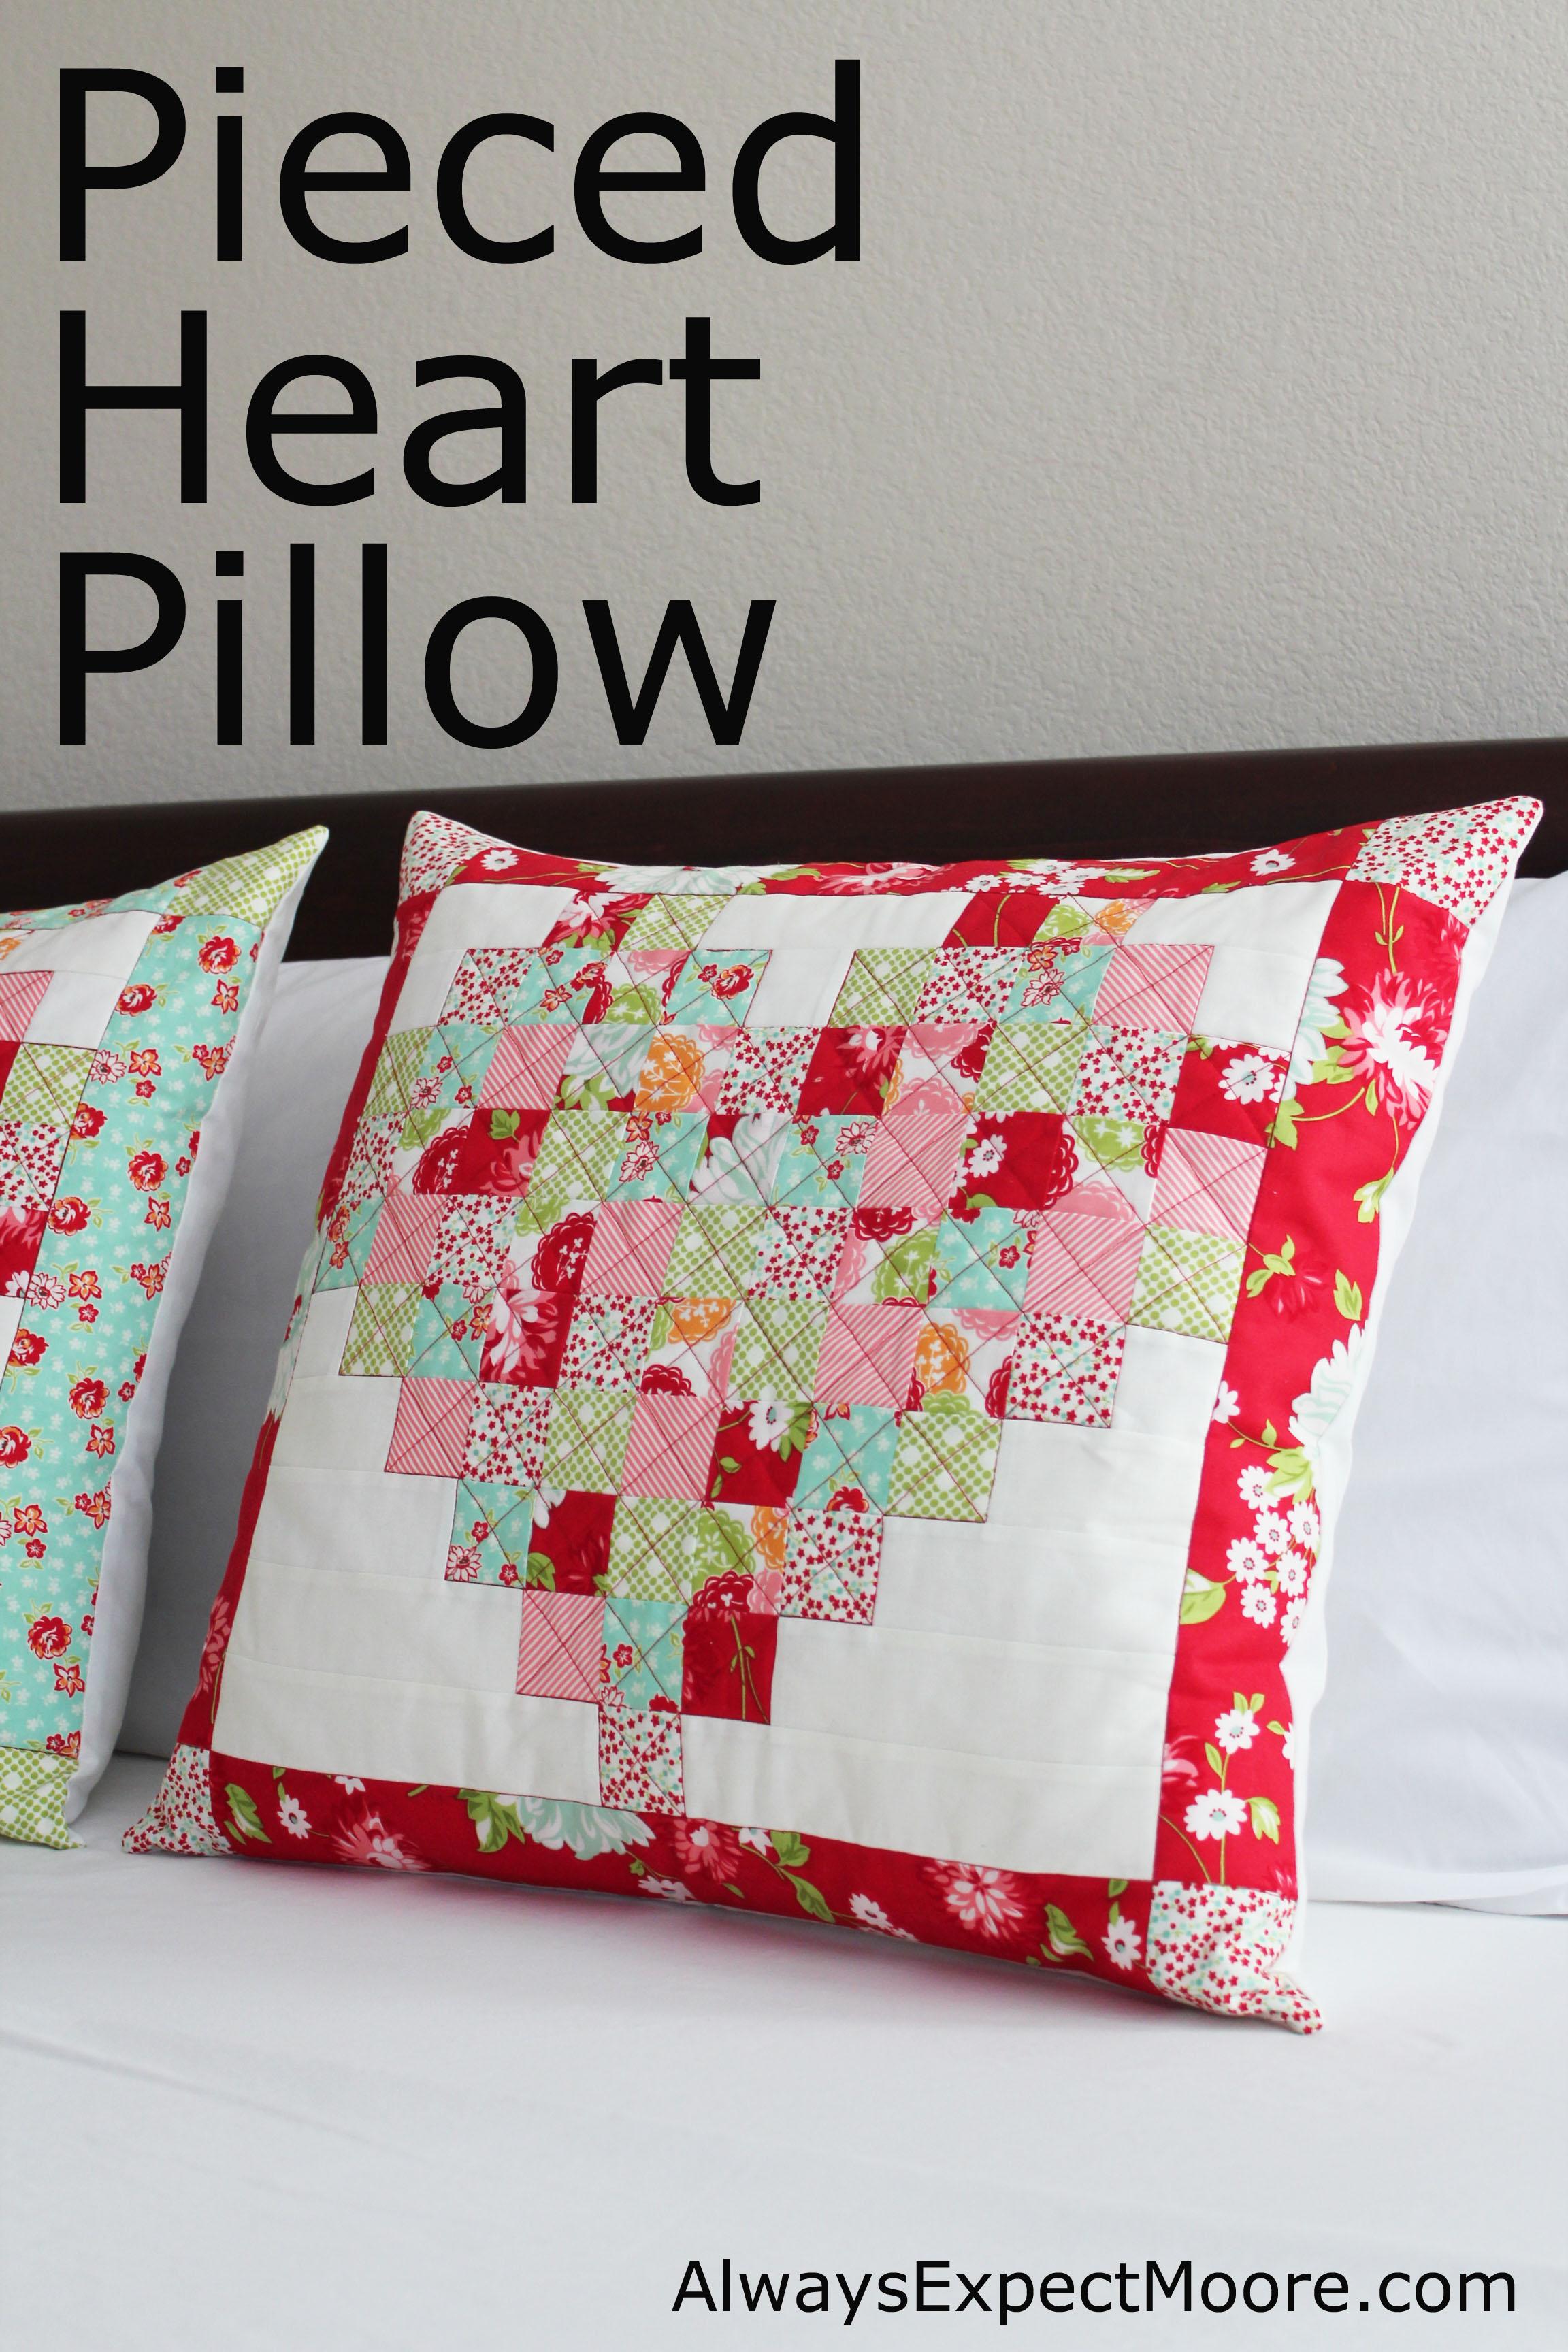 Pieced Heart Pillow